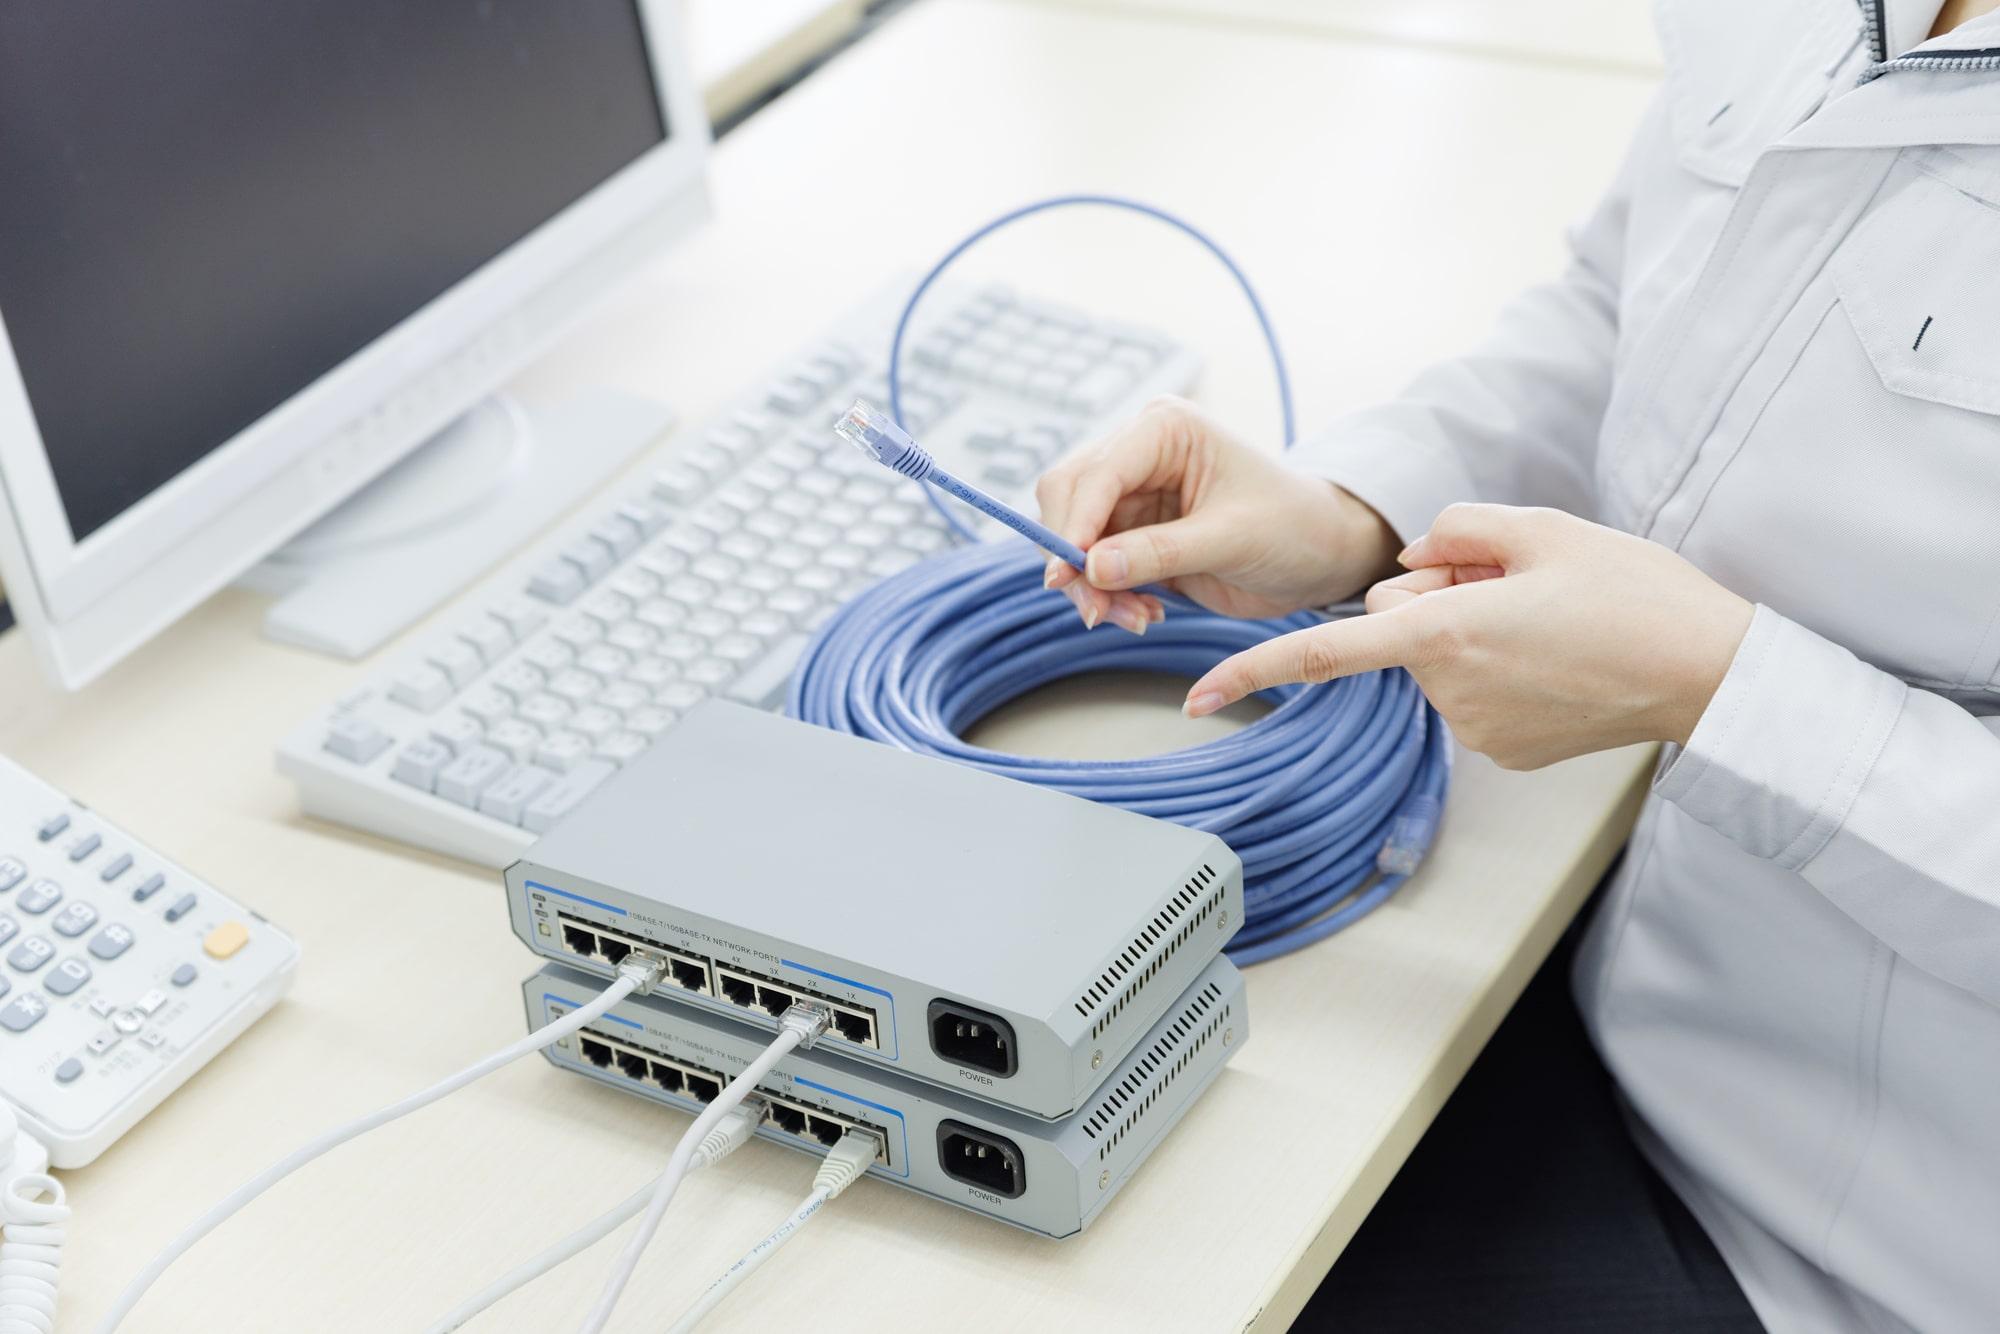 低速の救世主!LANケーブルの接続方法と注意点